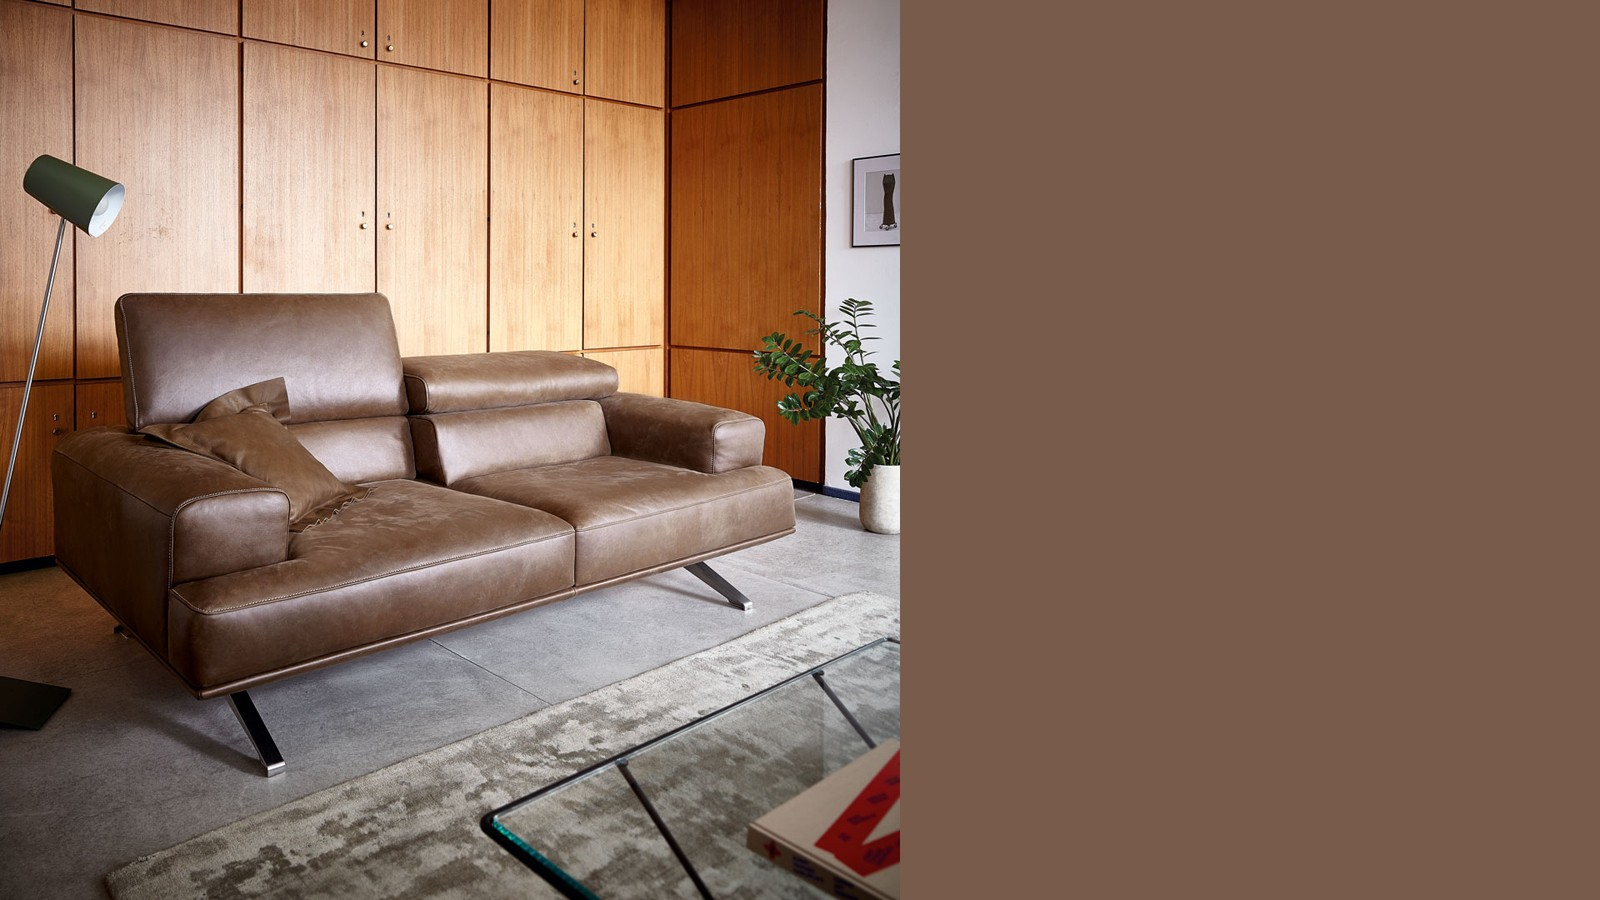 Canapea modernă Koinor Harris